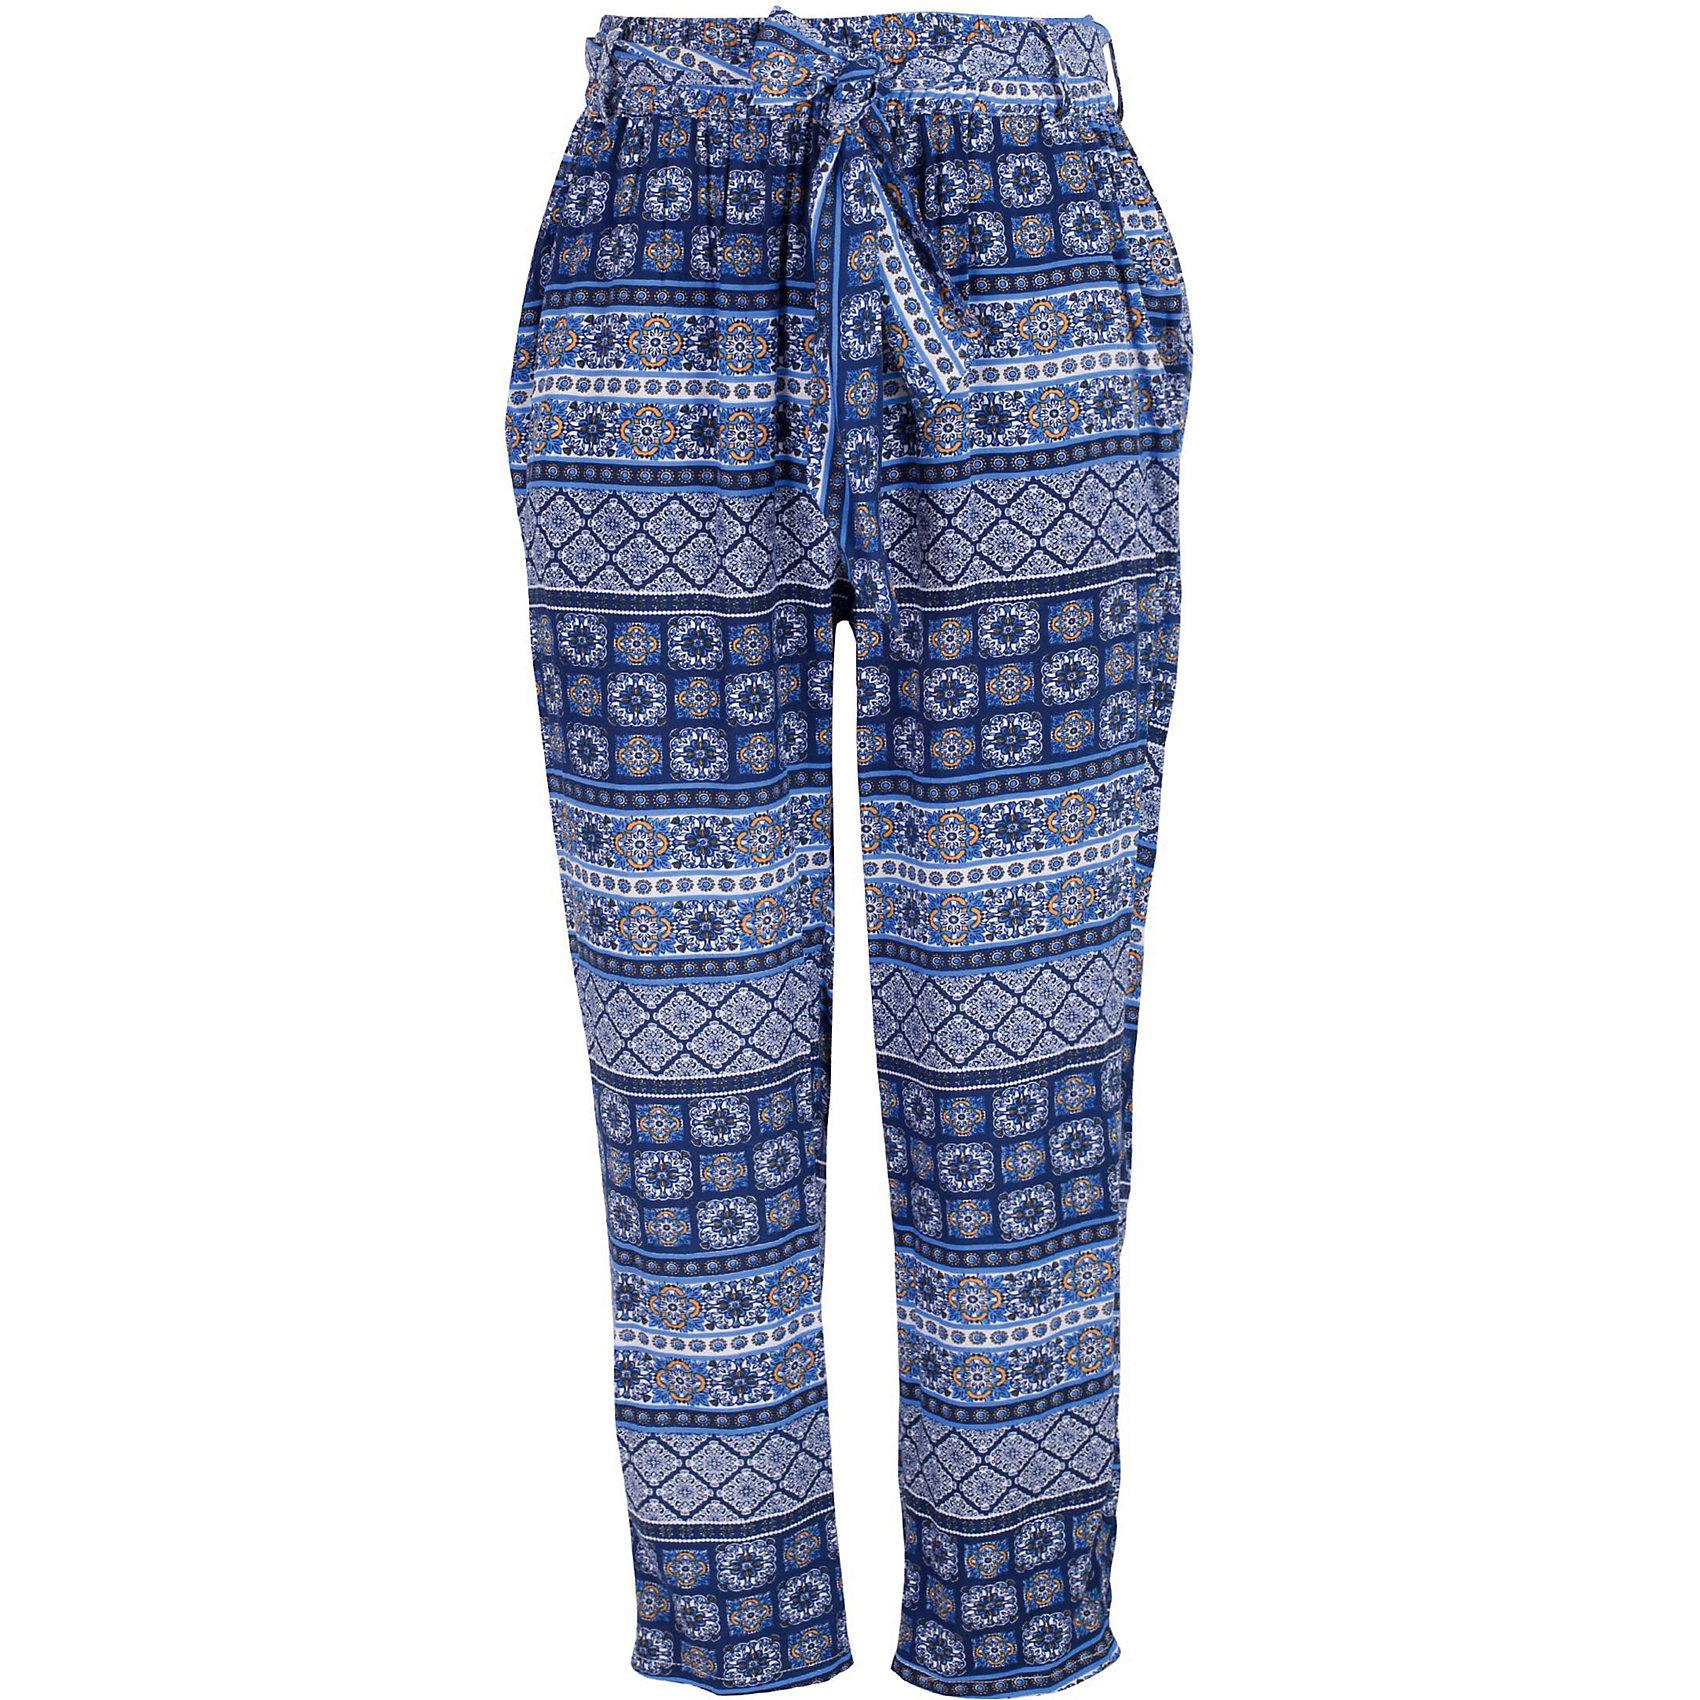 Брюки для девочки GulliverБрюки<br>Если вы решили купить модные брюки для девочки, выбор этой модели очевиден! Брюки из яркого орнаментального текстиля - идеальный вариант для теплой весны и жаркого лета. Актуальная форма, красивый силуэт, удобство и практичность делают эту модель заслуживающей высочайшей оценки! В ней все продумано до мелочей. Яркий позитивный рисунок создает отличное настроение, комфортный крой дарит легкость и свободу движений. Пояс на резинке отлично фиксирует брюки на талии ребенка, создавая комфорт и свободу движений.<br>Состав:<br>100% вискоза<br><br>Ширина мм: 215<br>Глубина мм: 88<br>Высота мм: 191<br>Вес г: 336<br>Цвет: разноцветный<br>Возраст от месяцев: 108<br>Возраст до месяцев: 120<br>Пол: Женский<br>Возраст: Детский<br>Размер: 140,134,128,122<br>SKU: 5484051